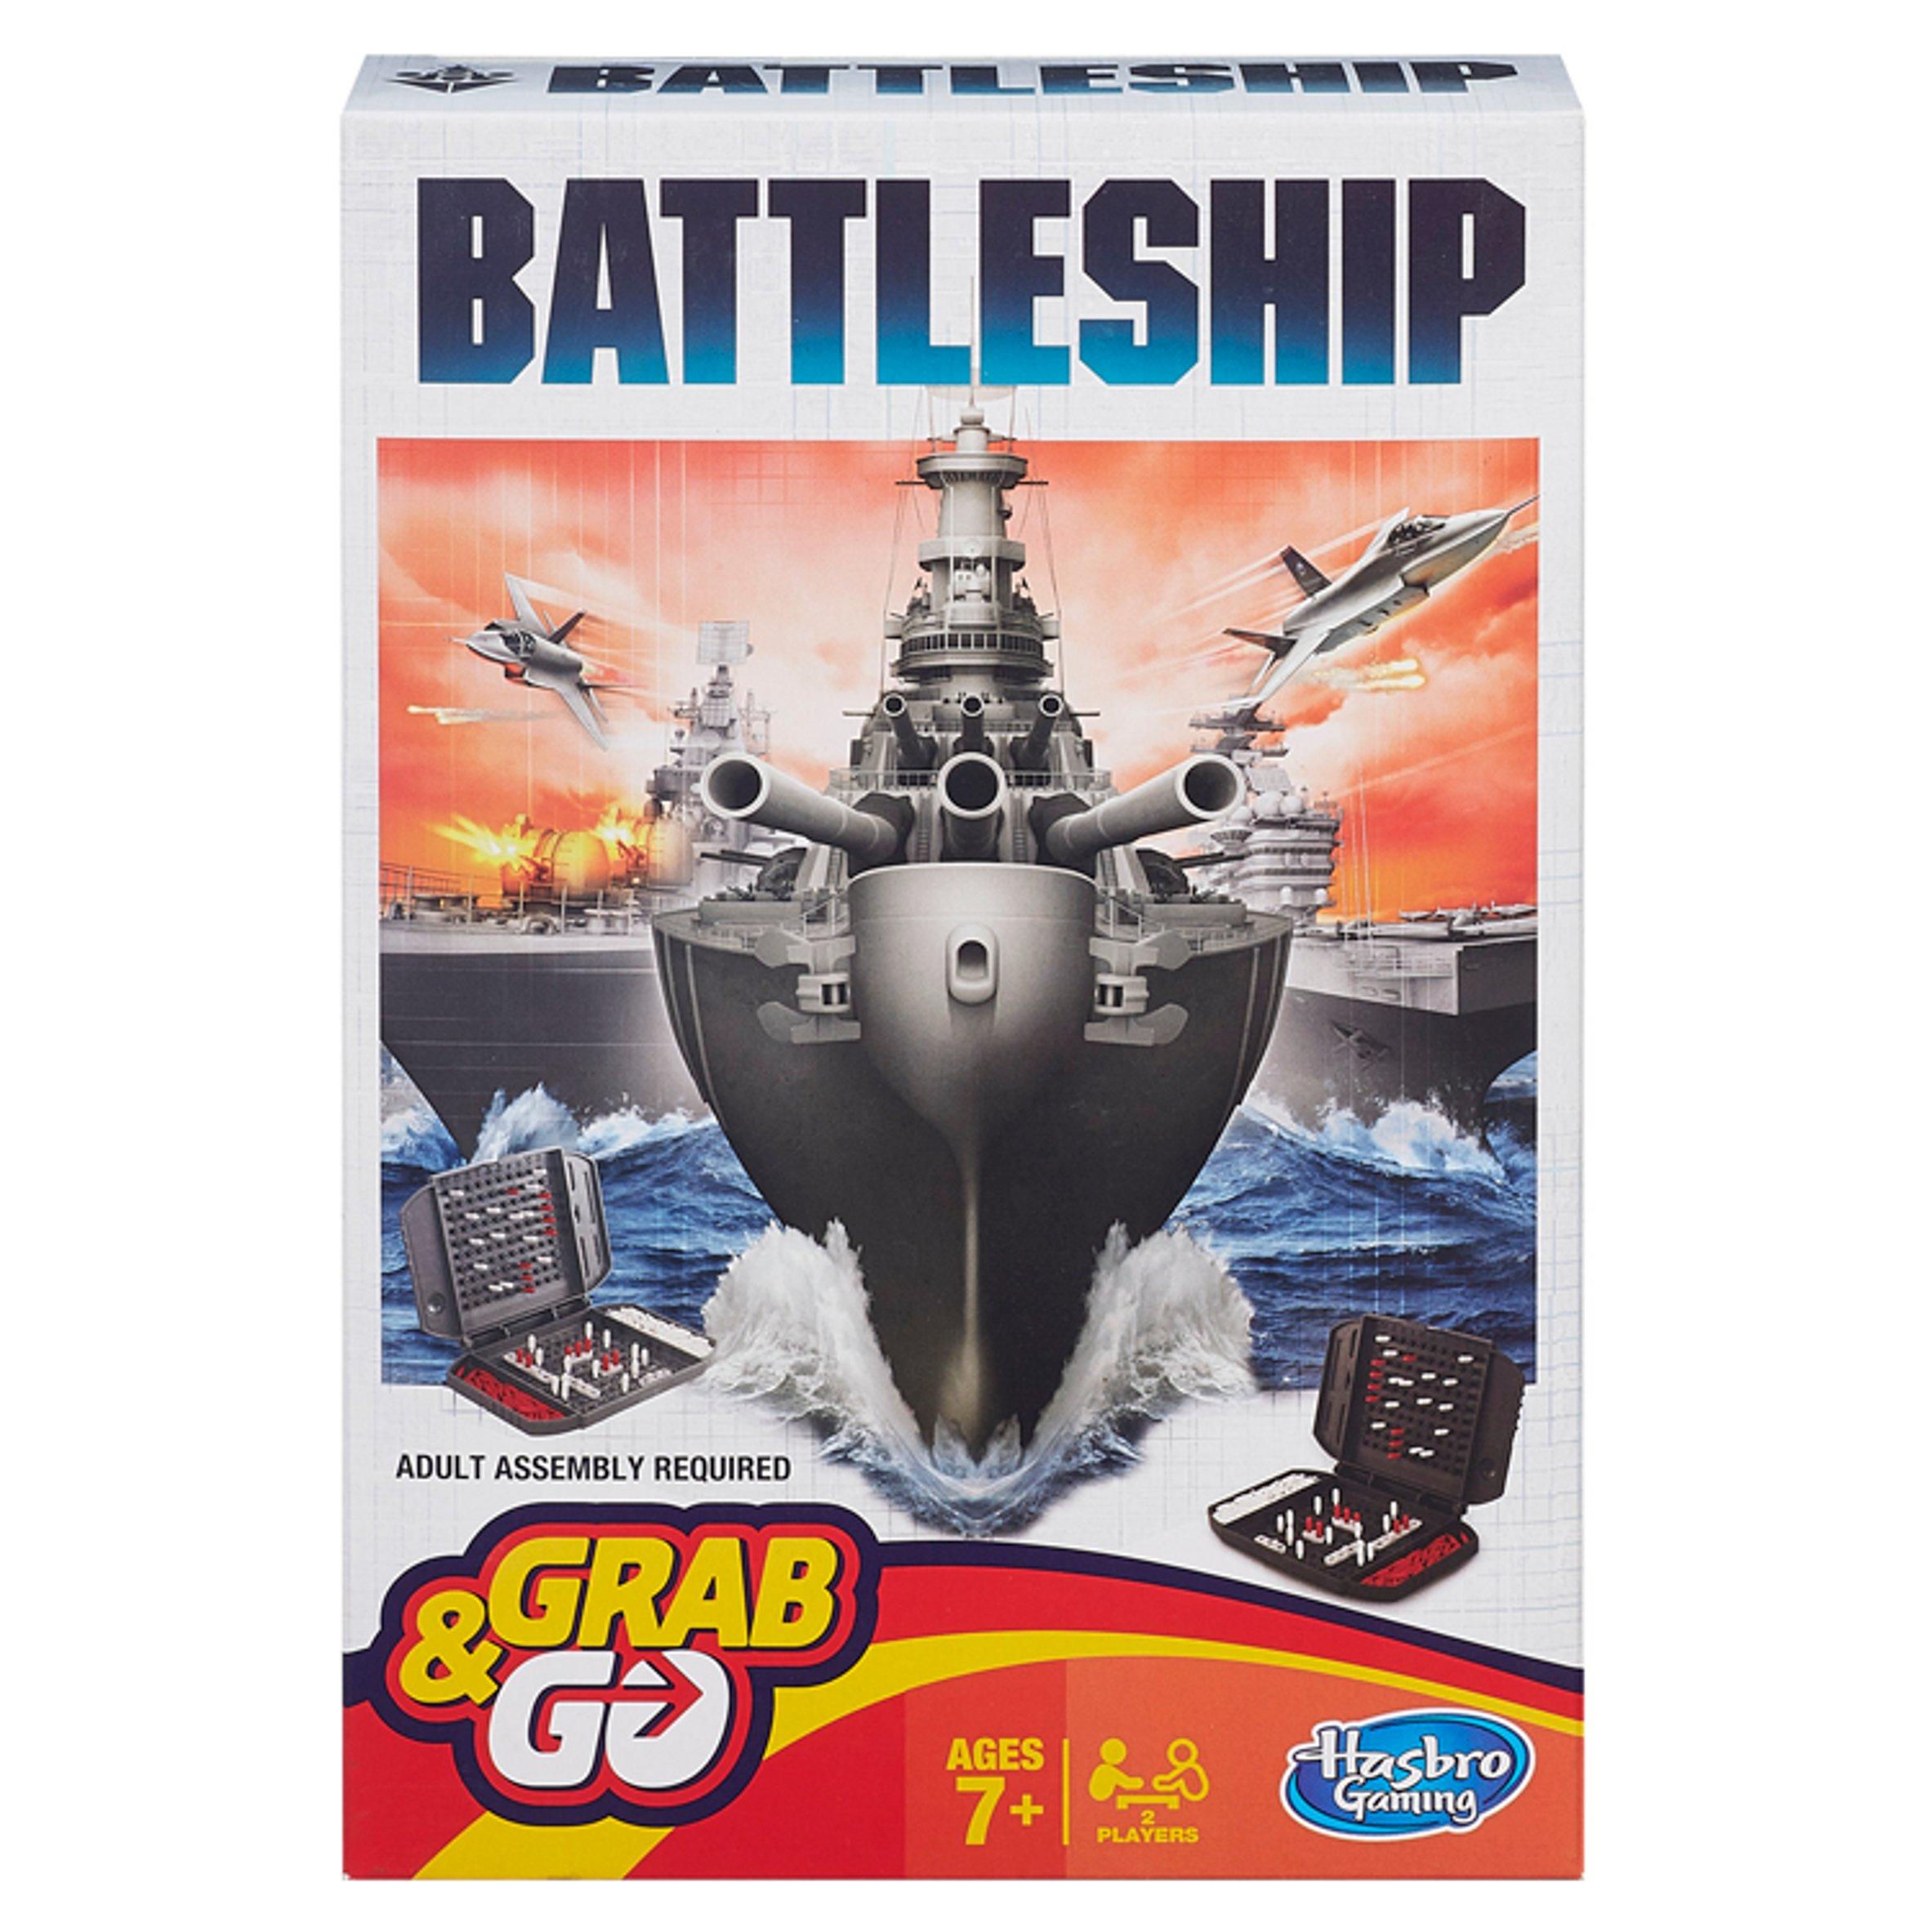 Battelship Grab & Go